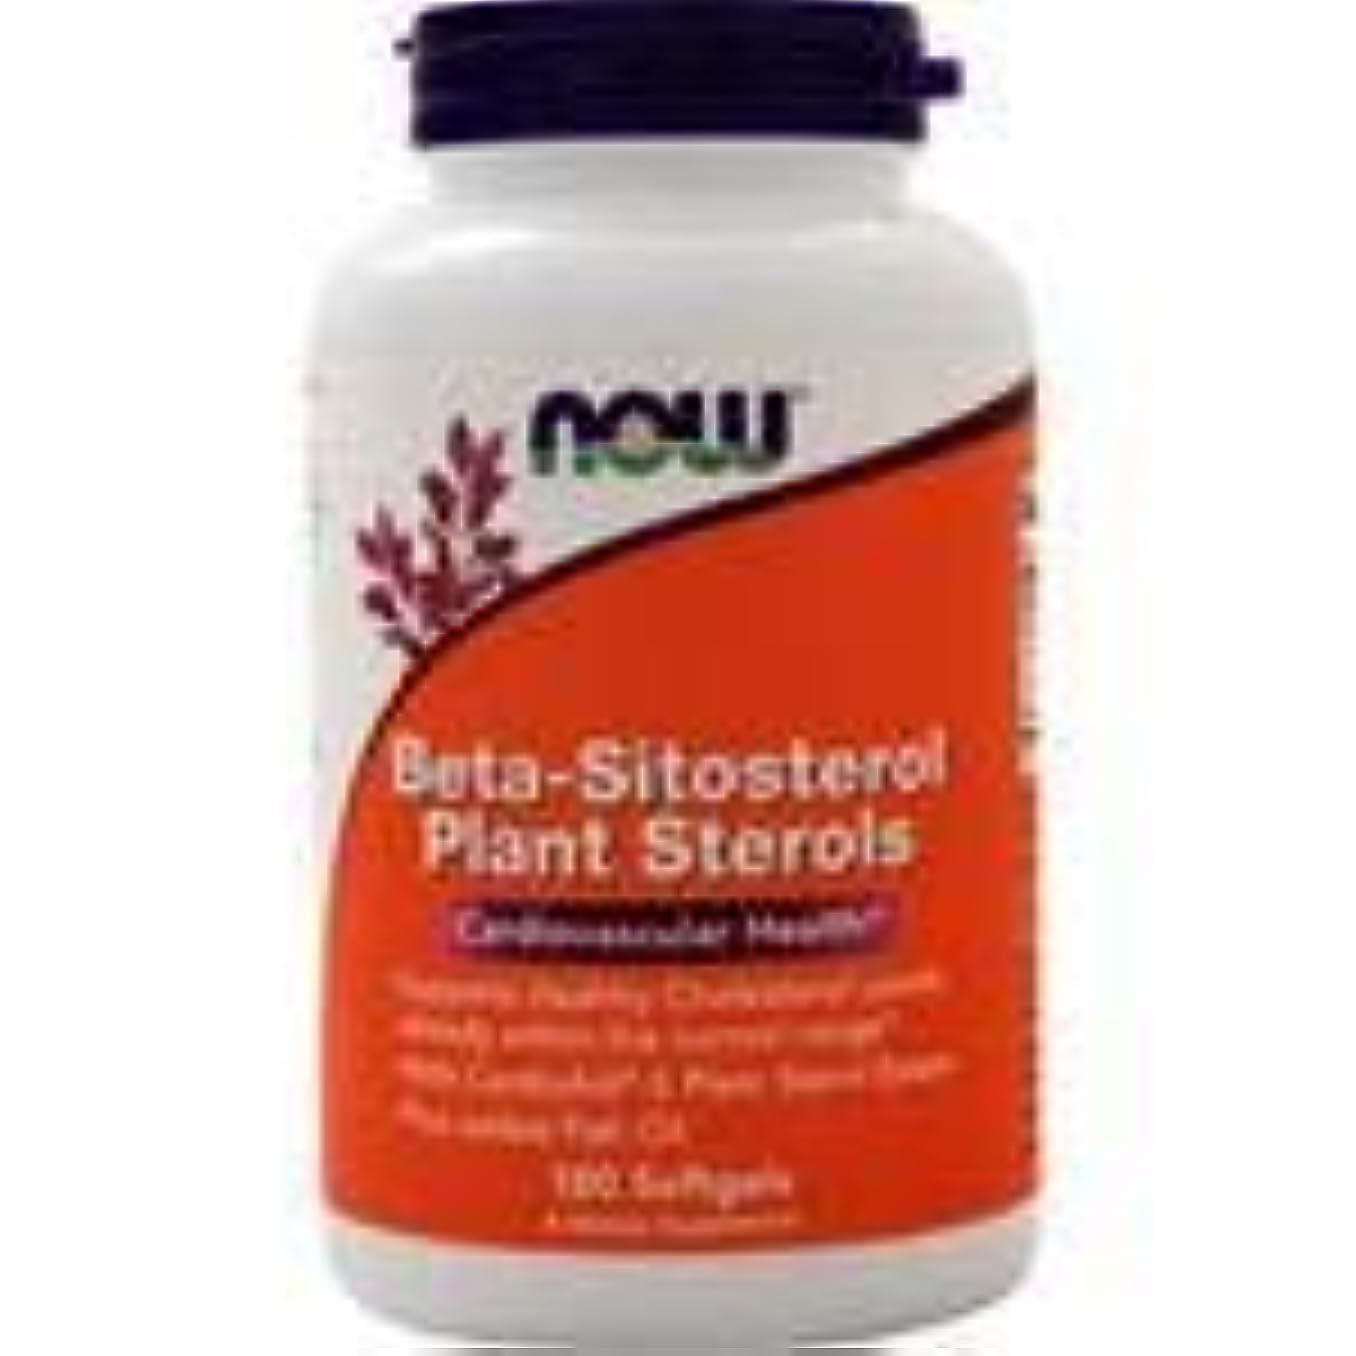 記述する失不均一ベータシトステロール植物ステロール 180 sgels 2個パック